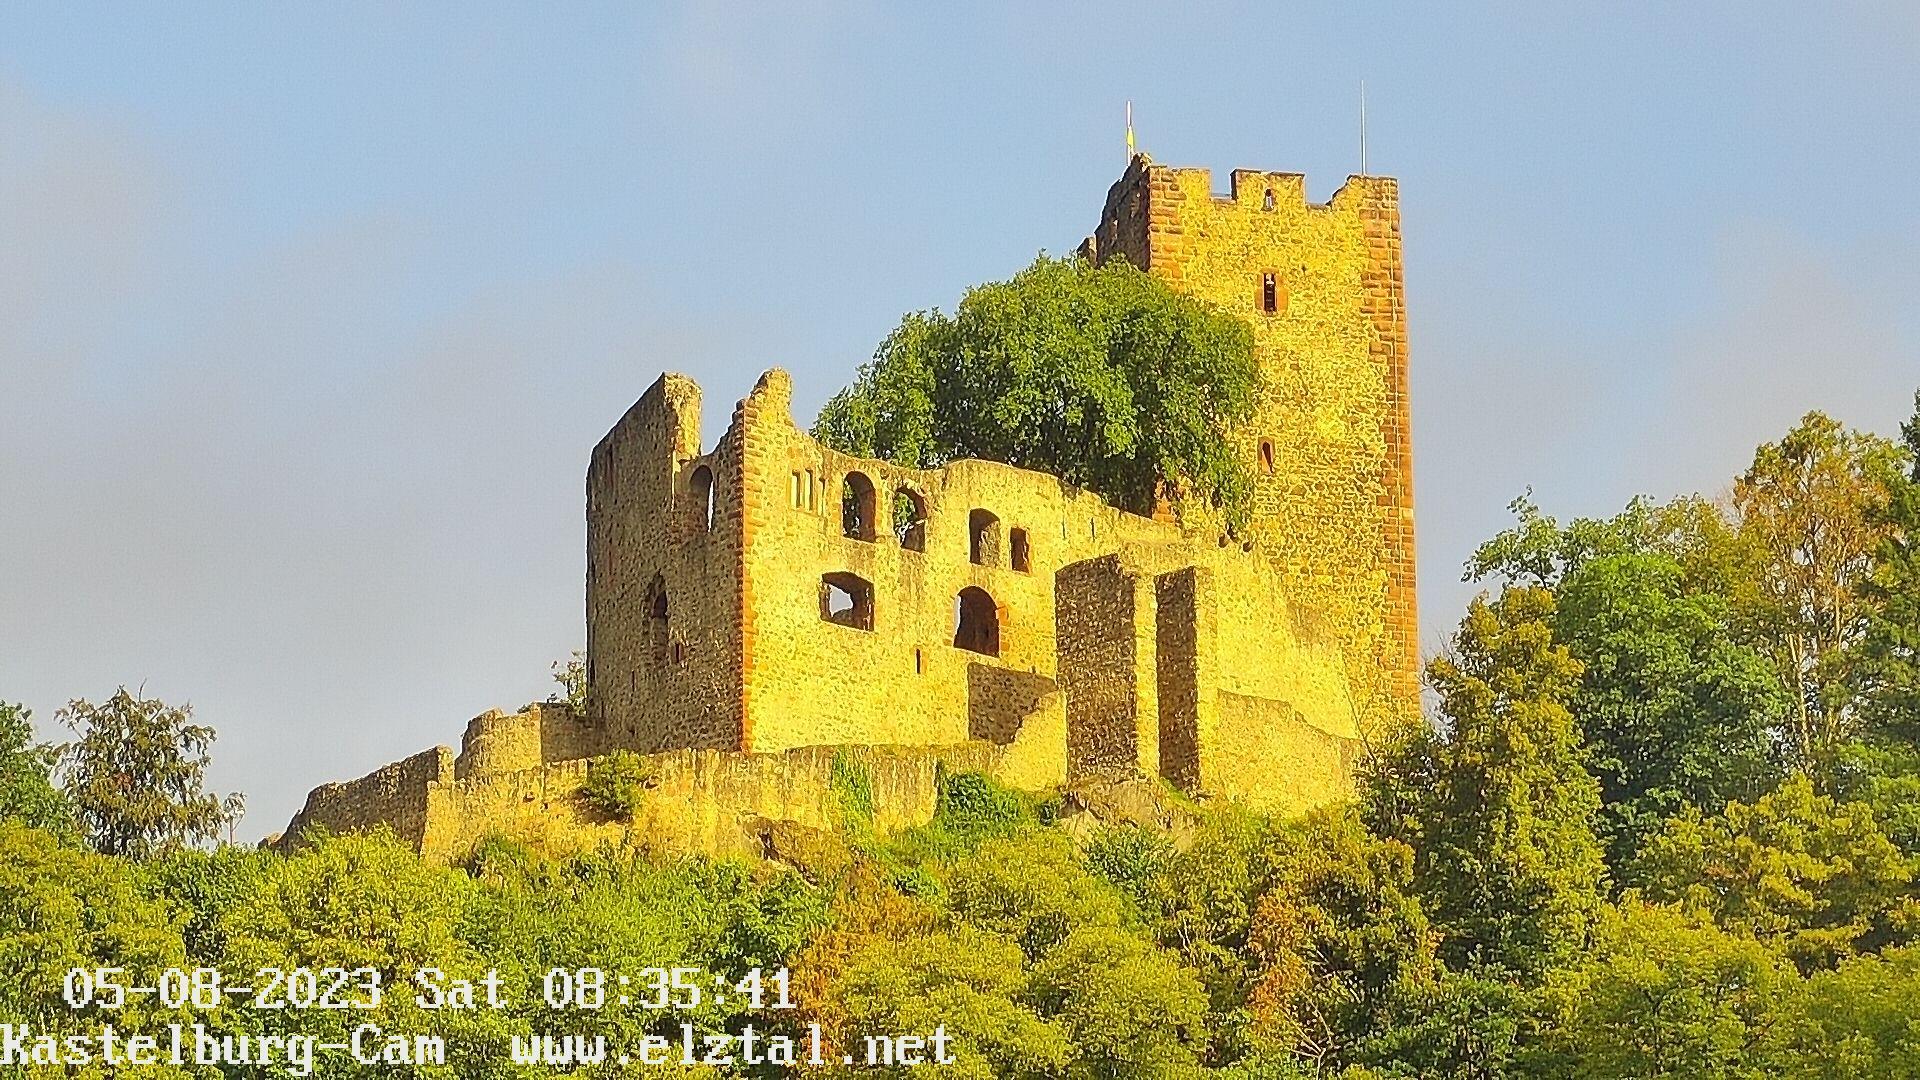 Kastelburg WebCam1 Blick zur Kastelburg